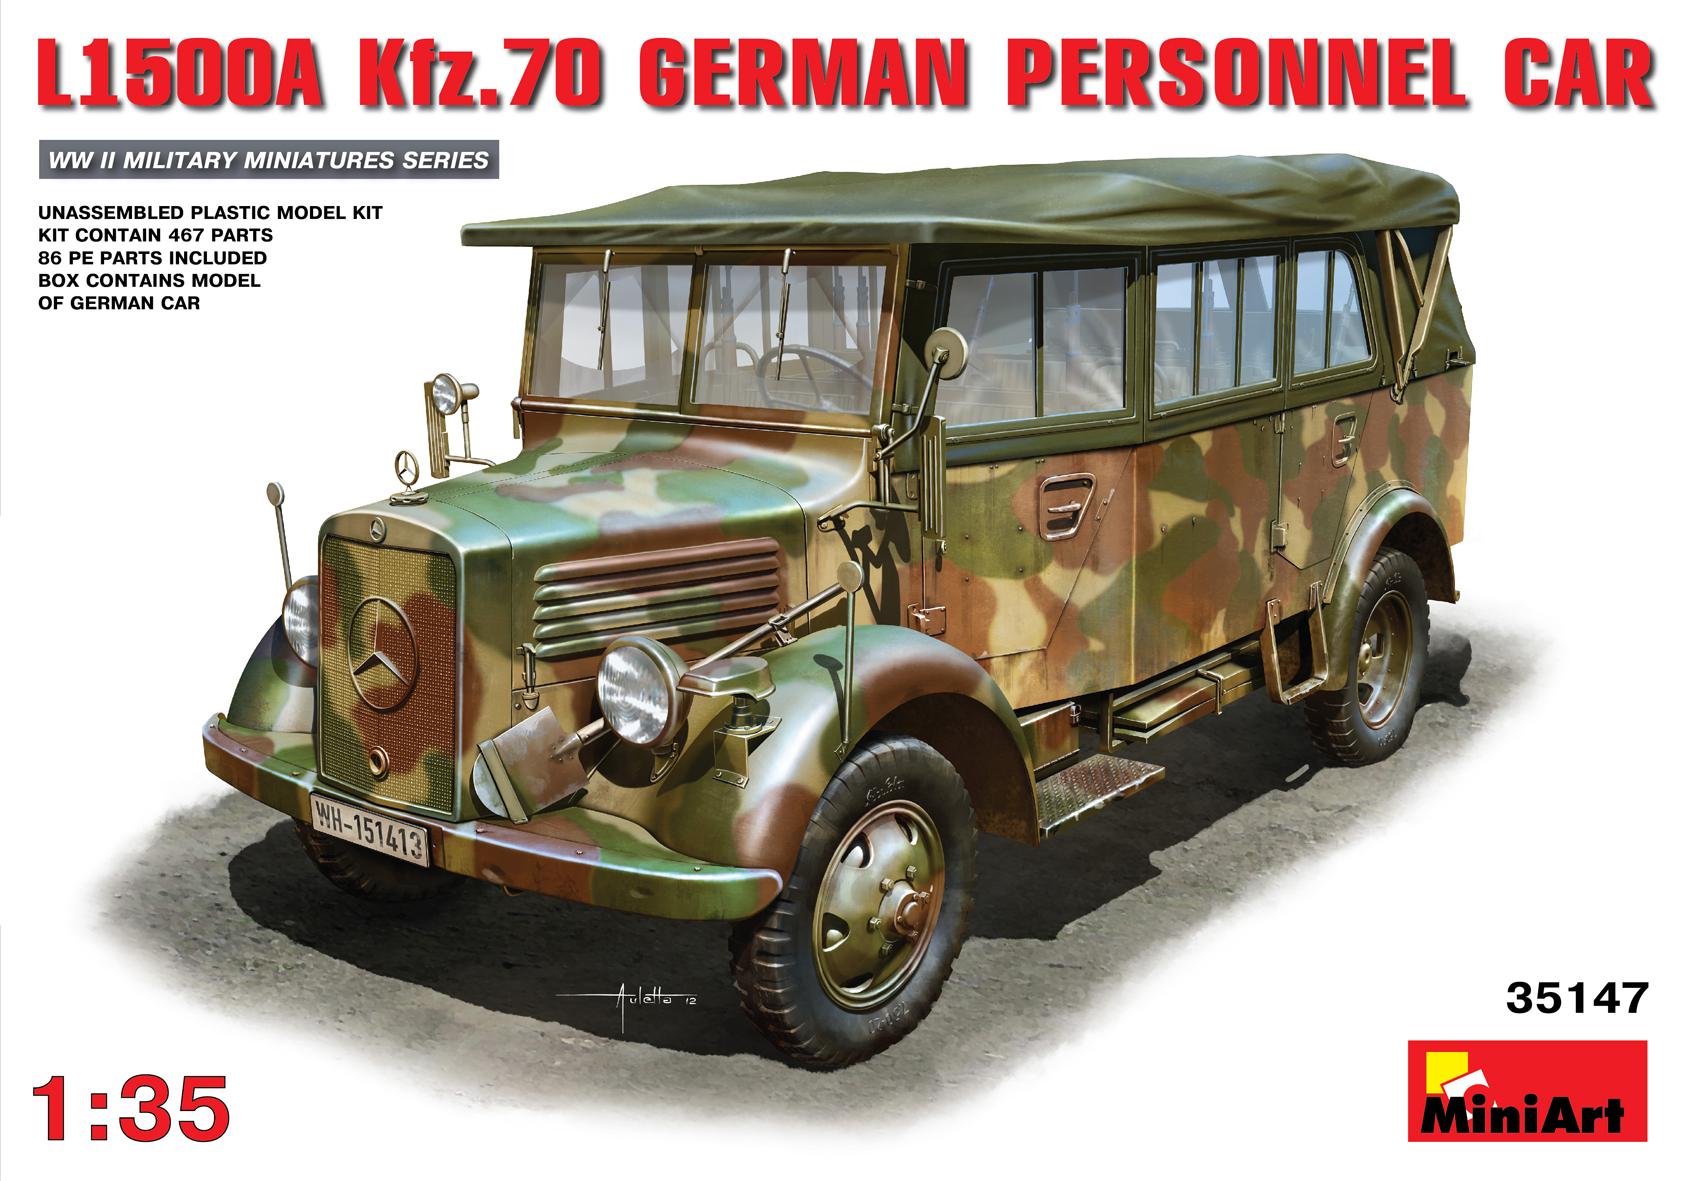 35147ドイツ軍 L1500A Kfz.70兵員輸送車